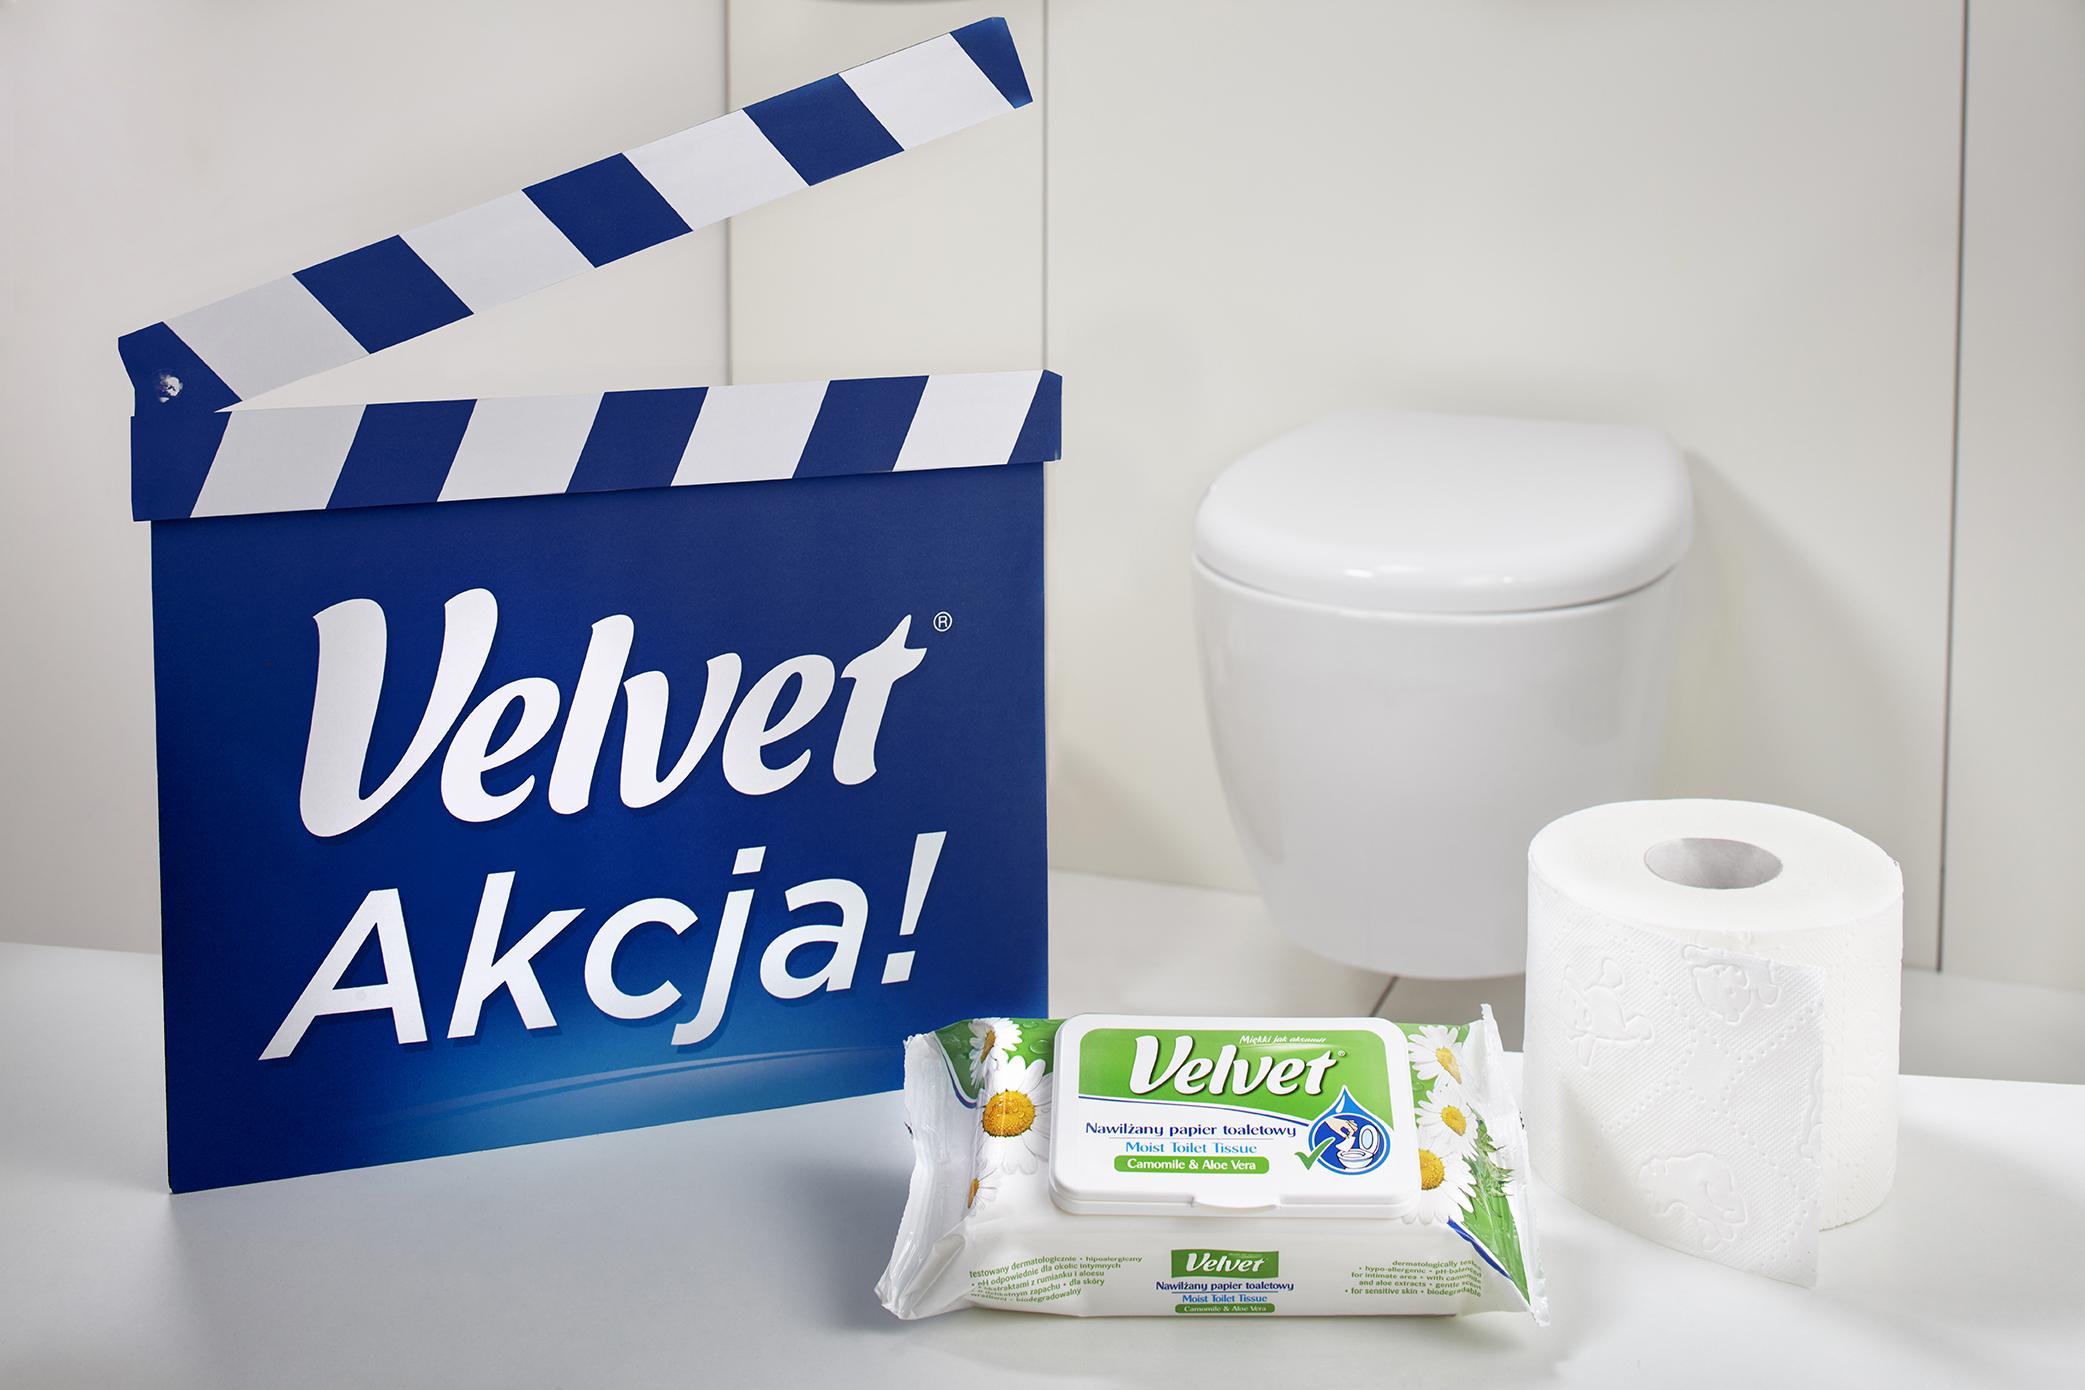 Duet Satysfakcja Velvet – Papier toaletowy i nawilżany papier toaletowy